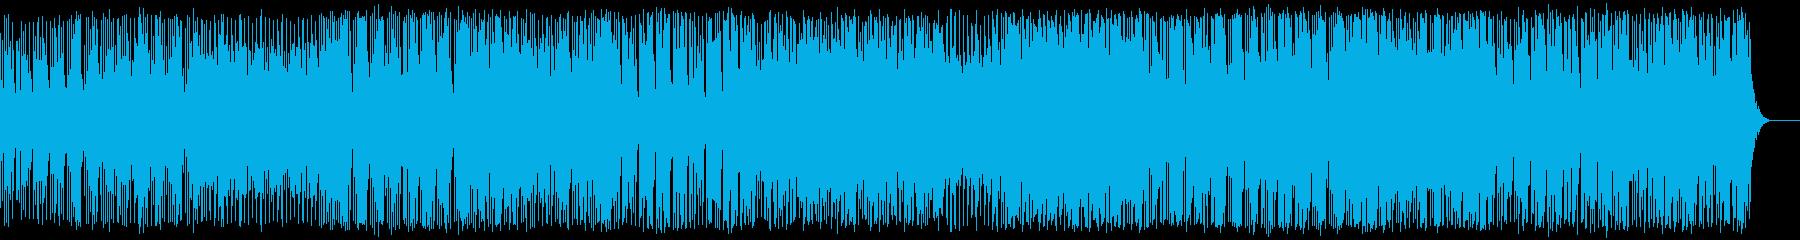 元気なエレクトロポップの再生済みの波形